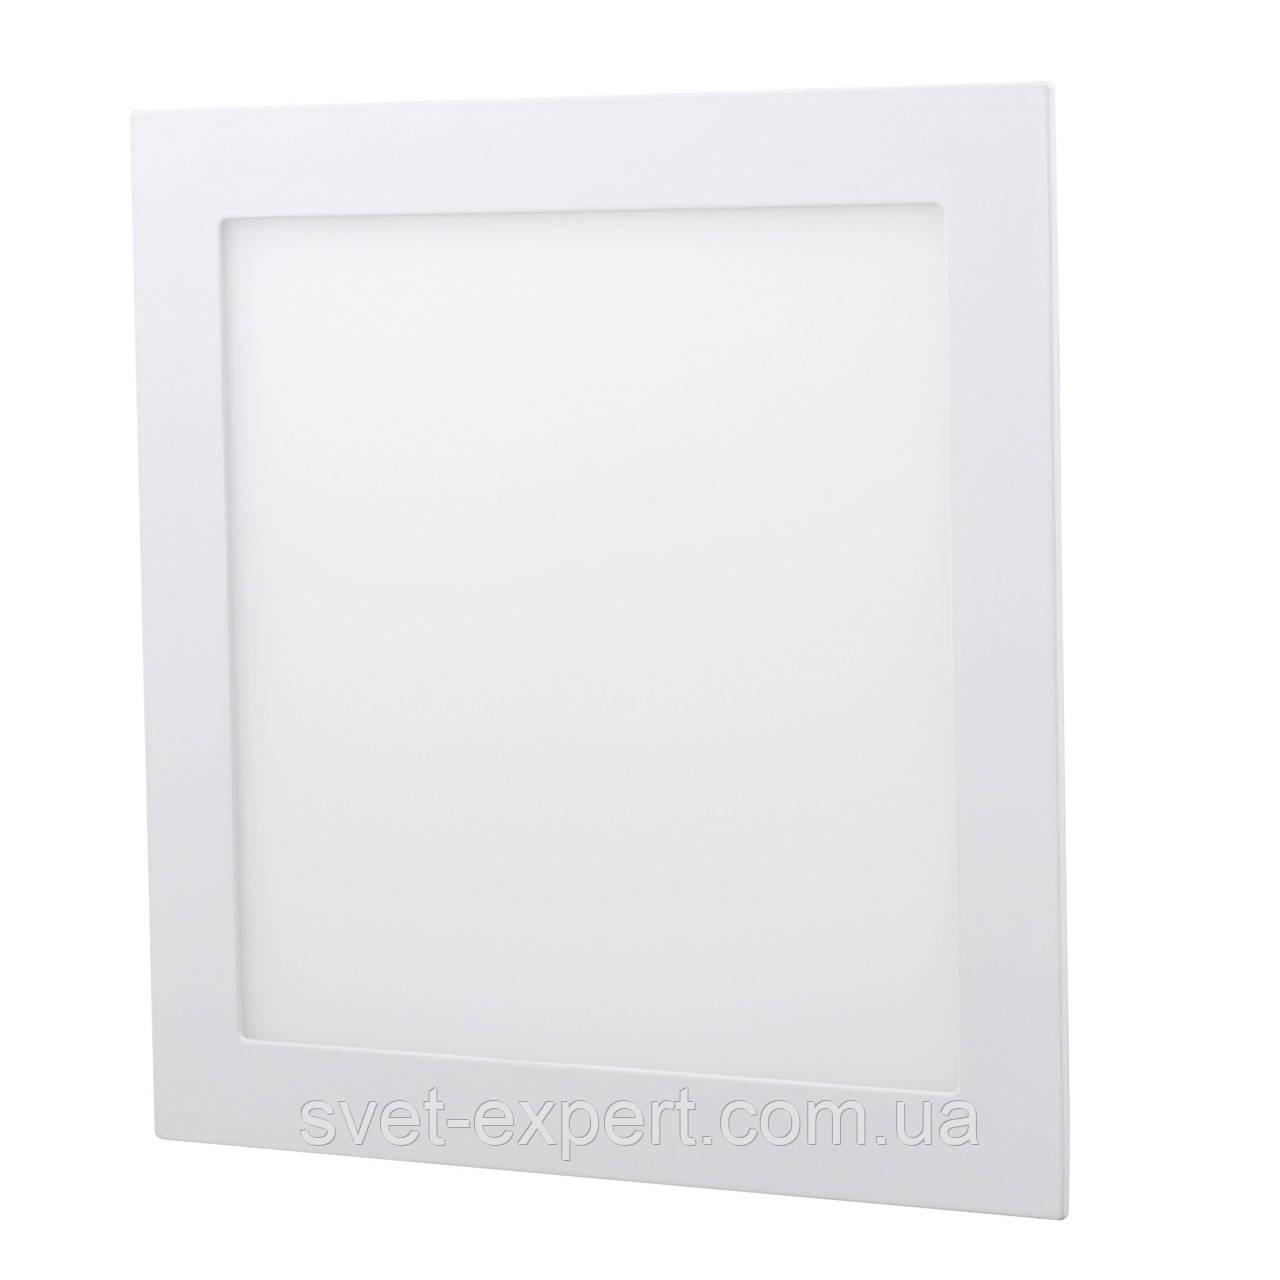 Светильник LED-S-300-24 24Вт 6400К квадр. встроенный 300мм